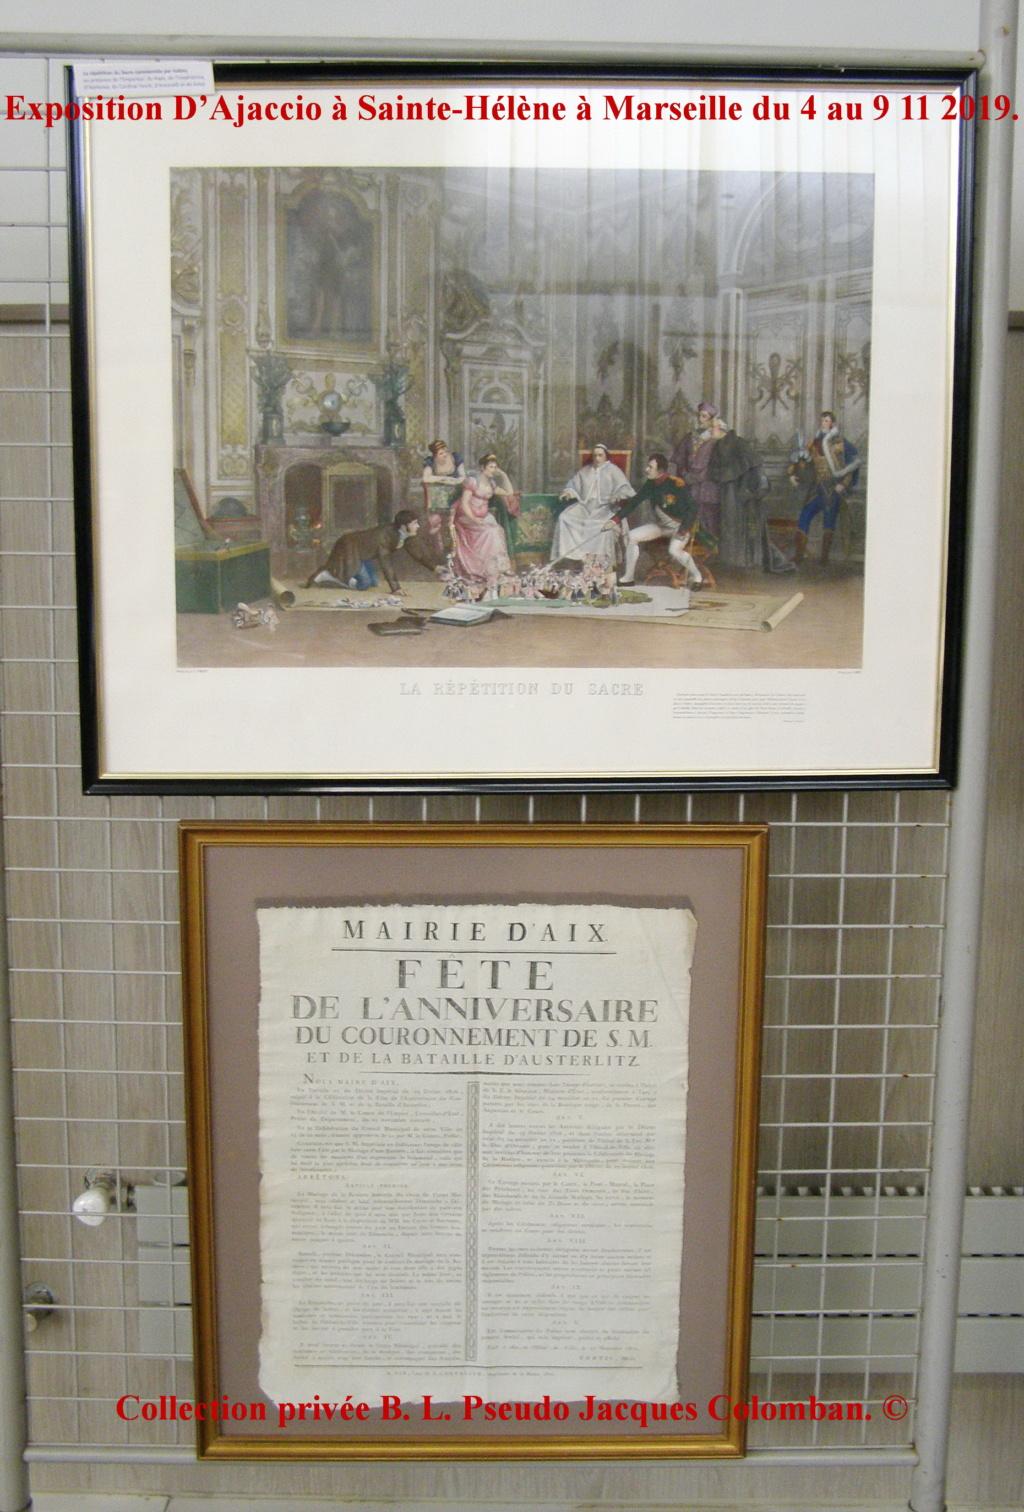 Exposition D'Ajaccio à Sainte-Hélène à Marseille. 1110